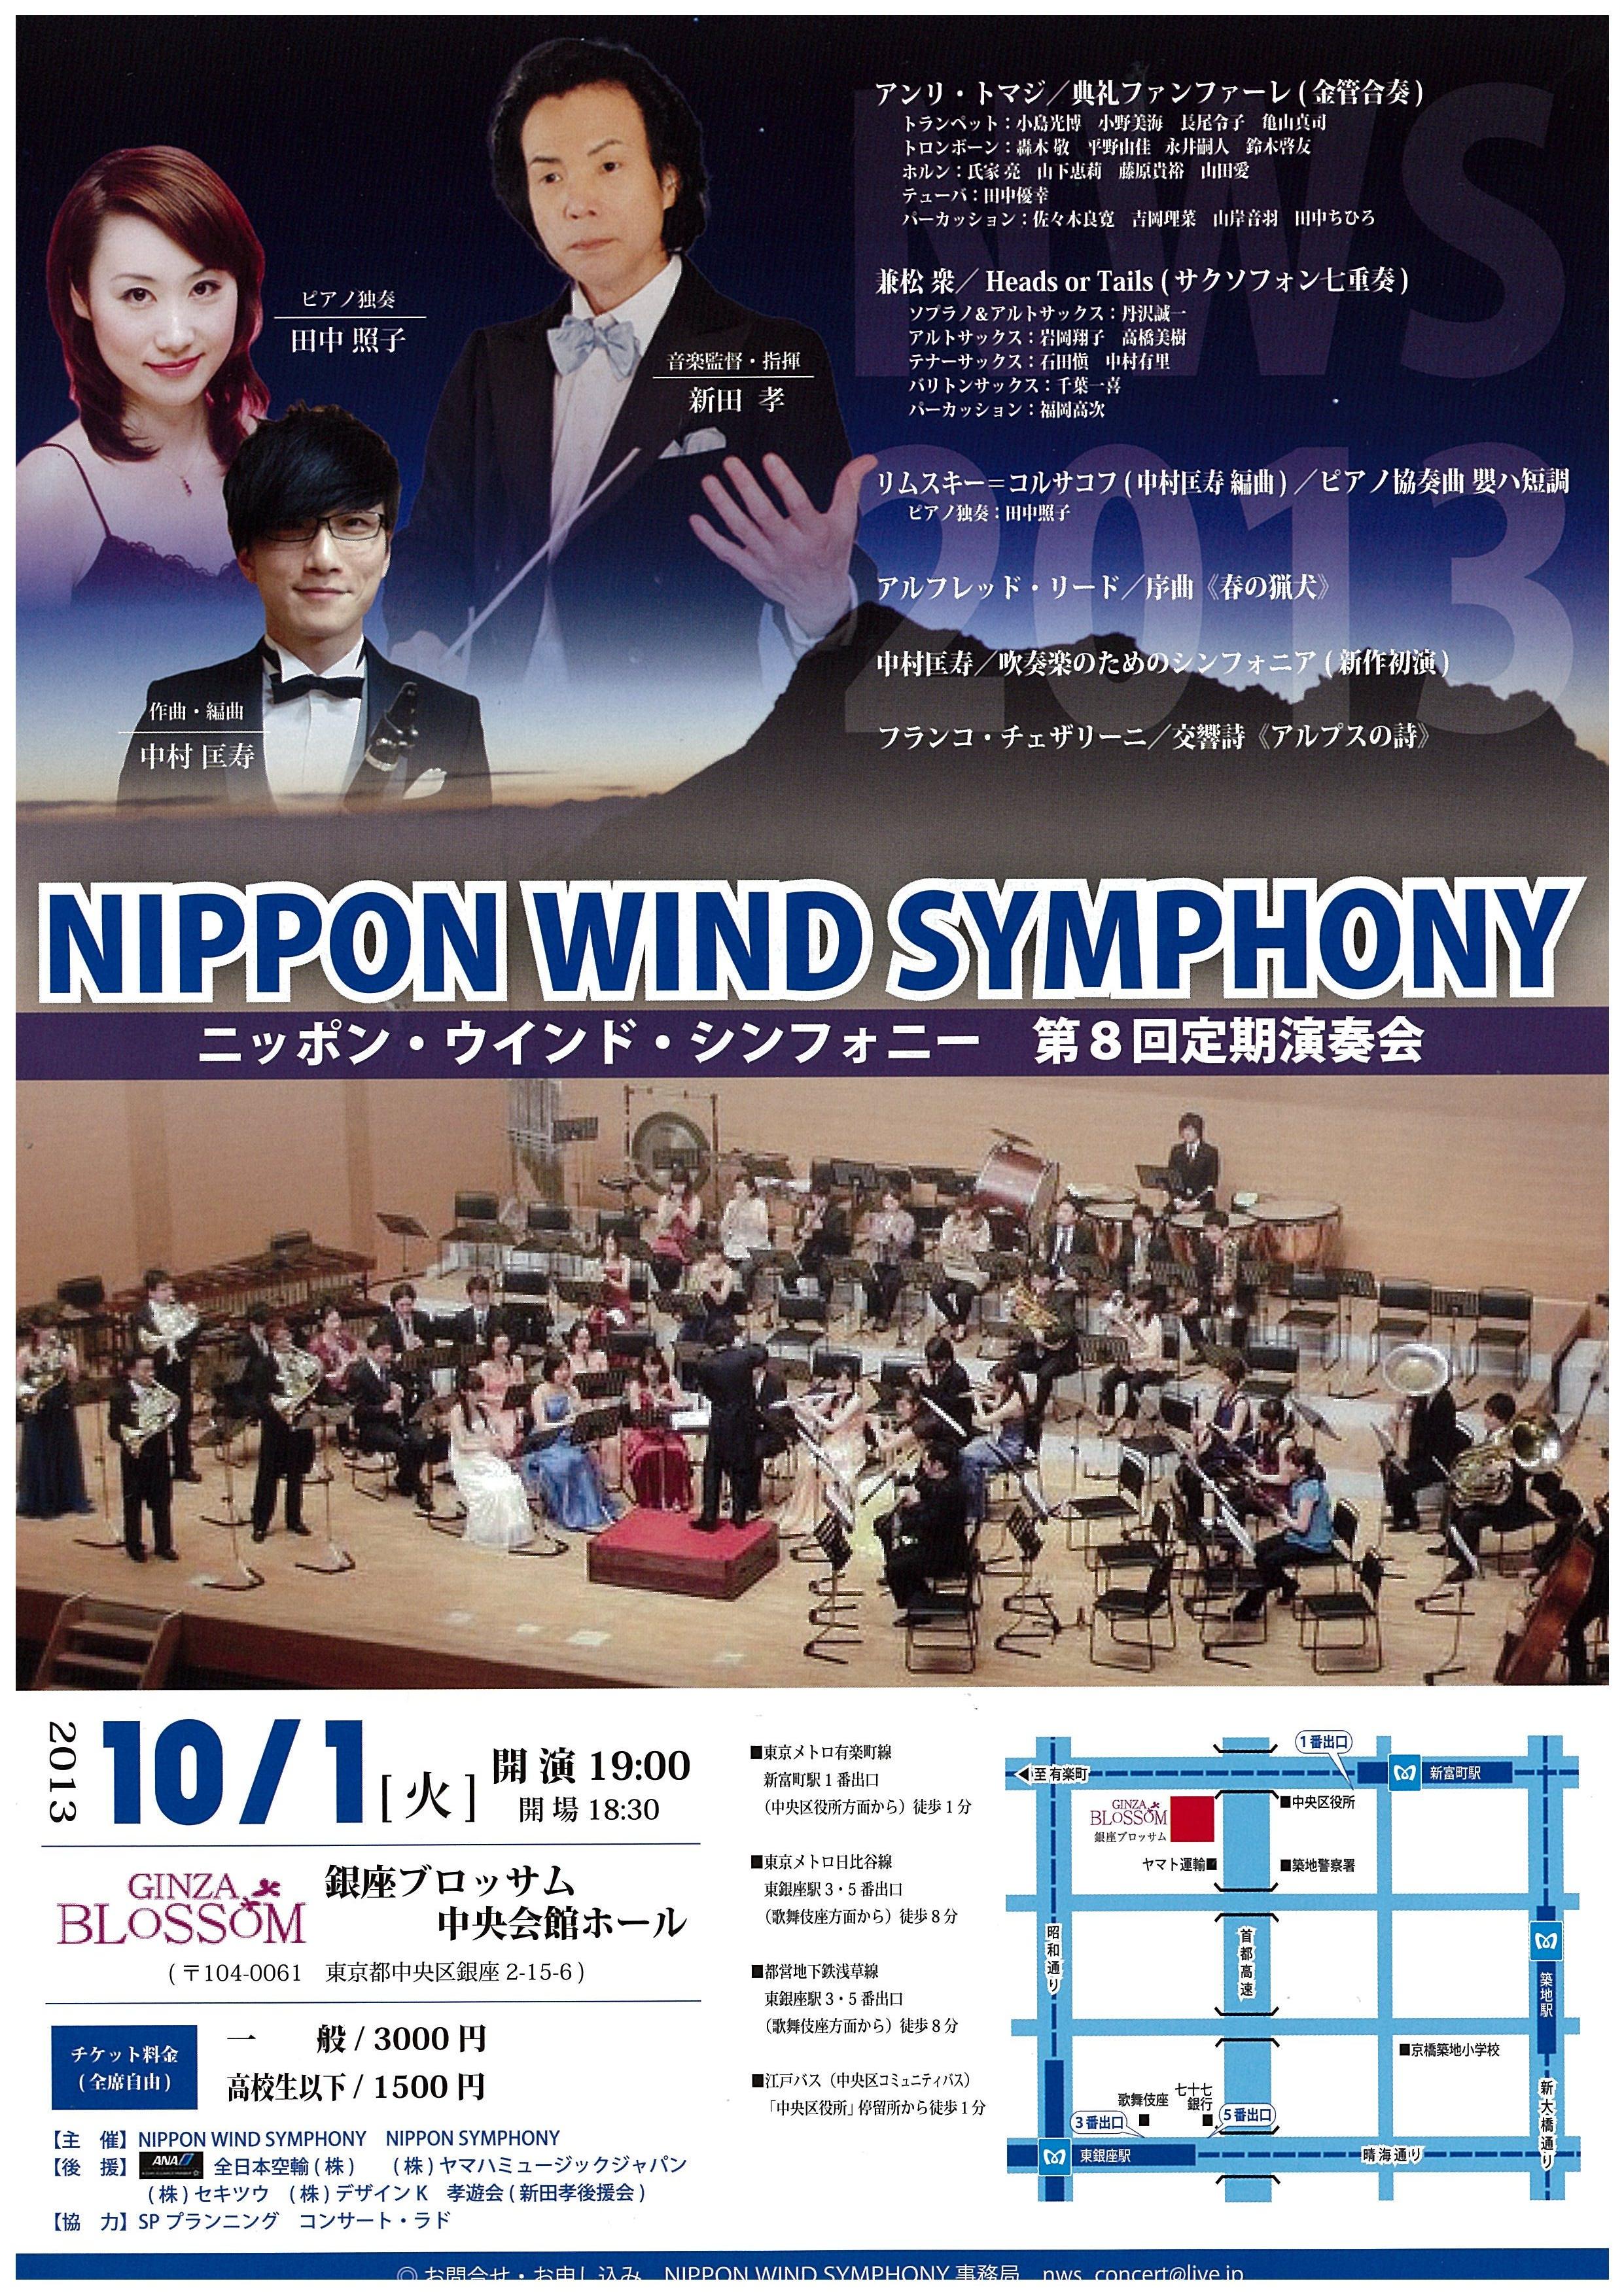 ニッポン・ウインド・シンフォニー 第8回定期演奏会